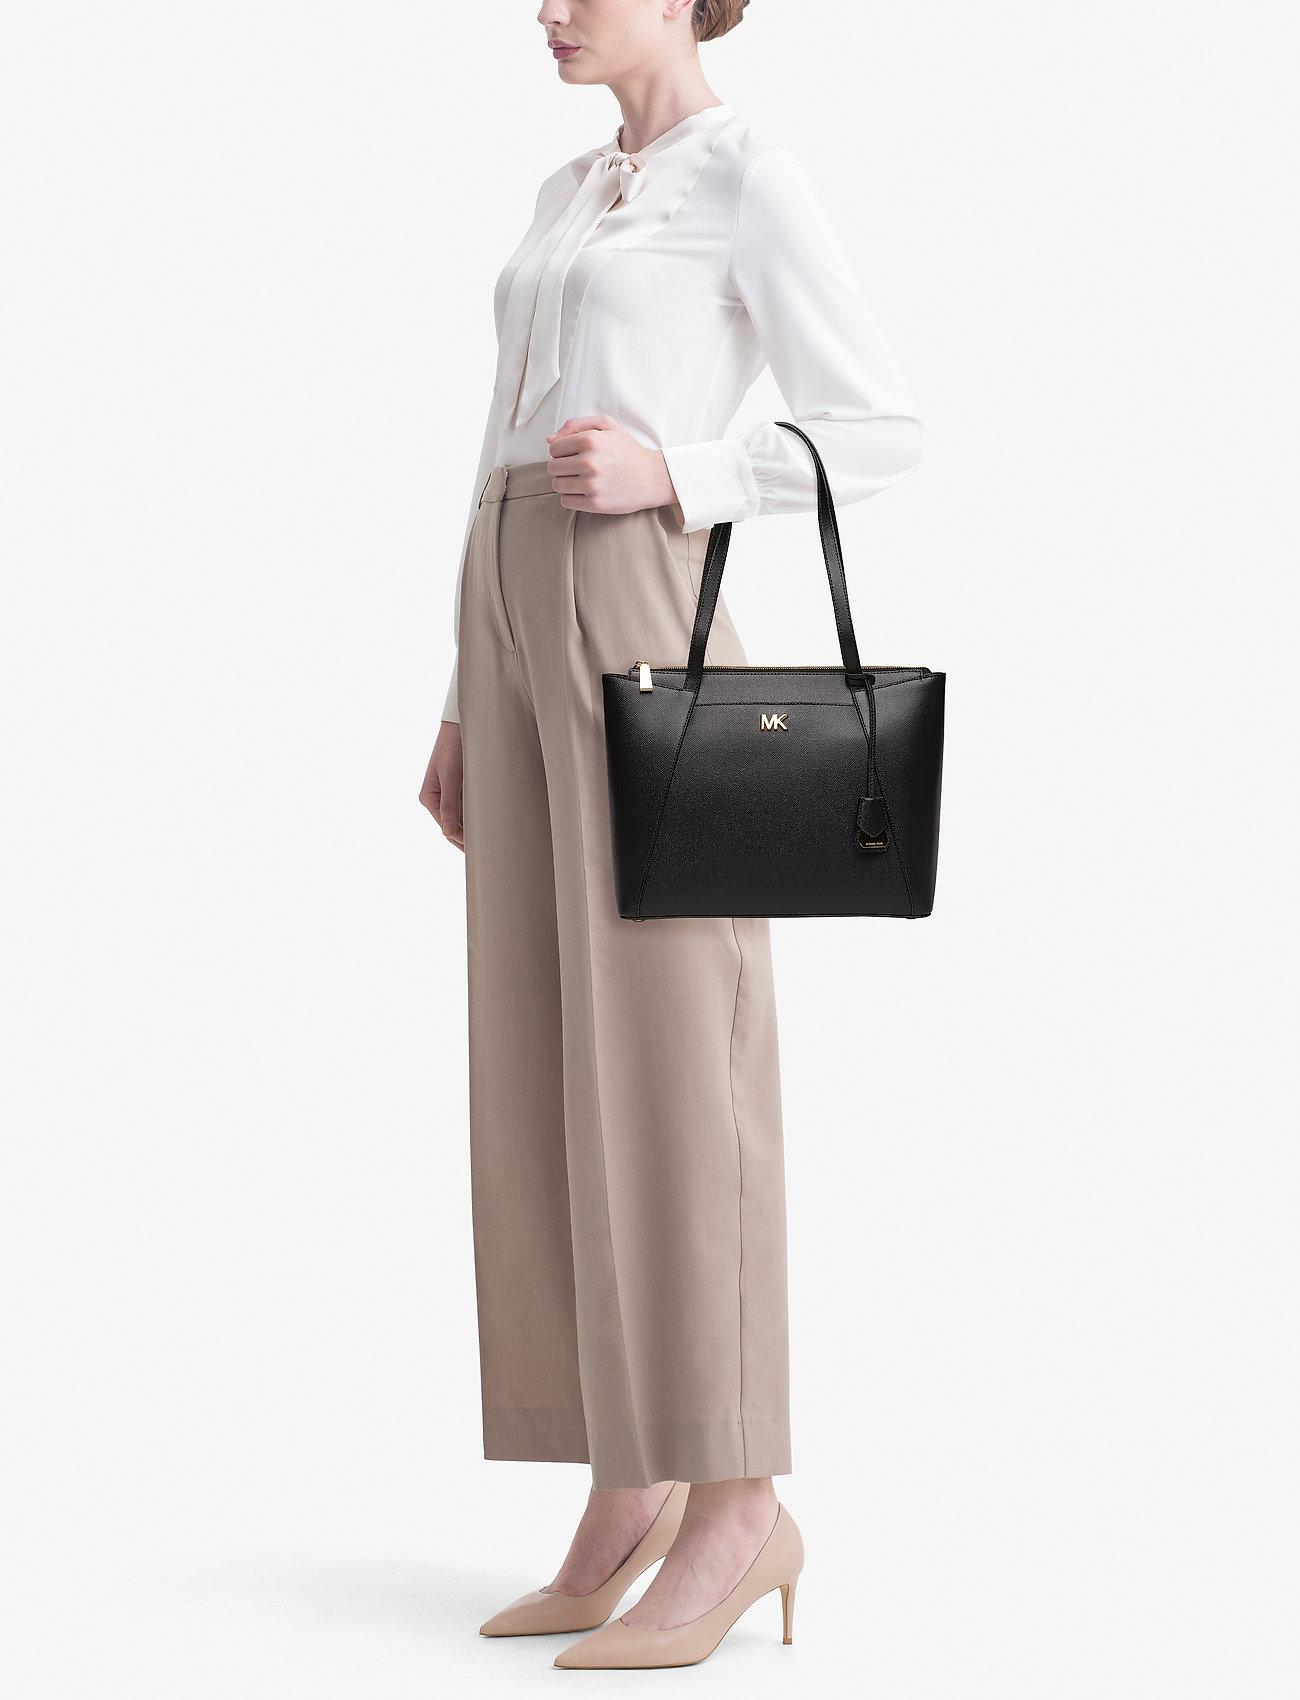 e5b876f77920 Maddie Md Ew Tz Tote (Black) (£250) - Michael Kors Bags - | Boozt.com